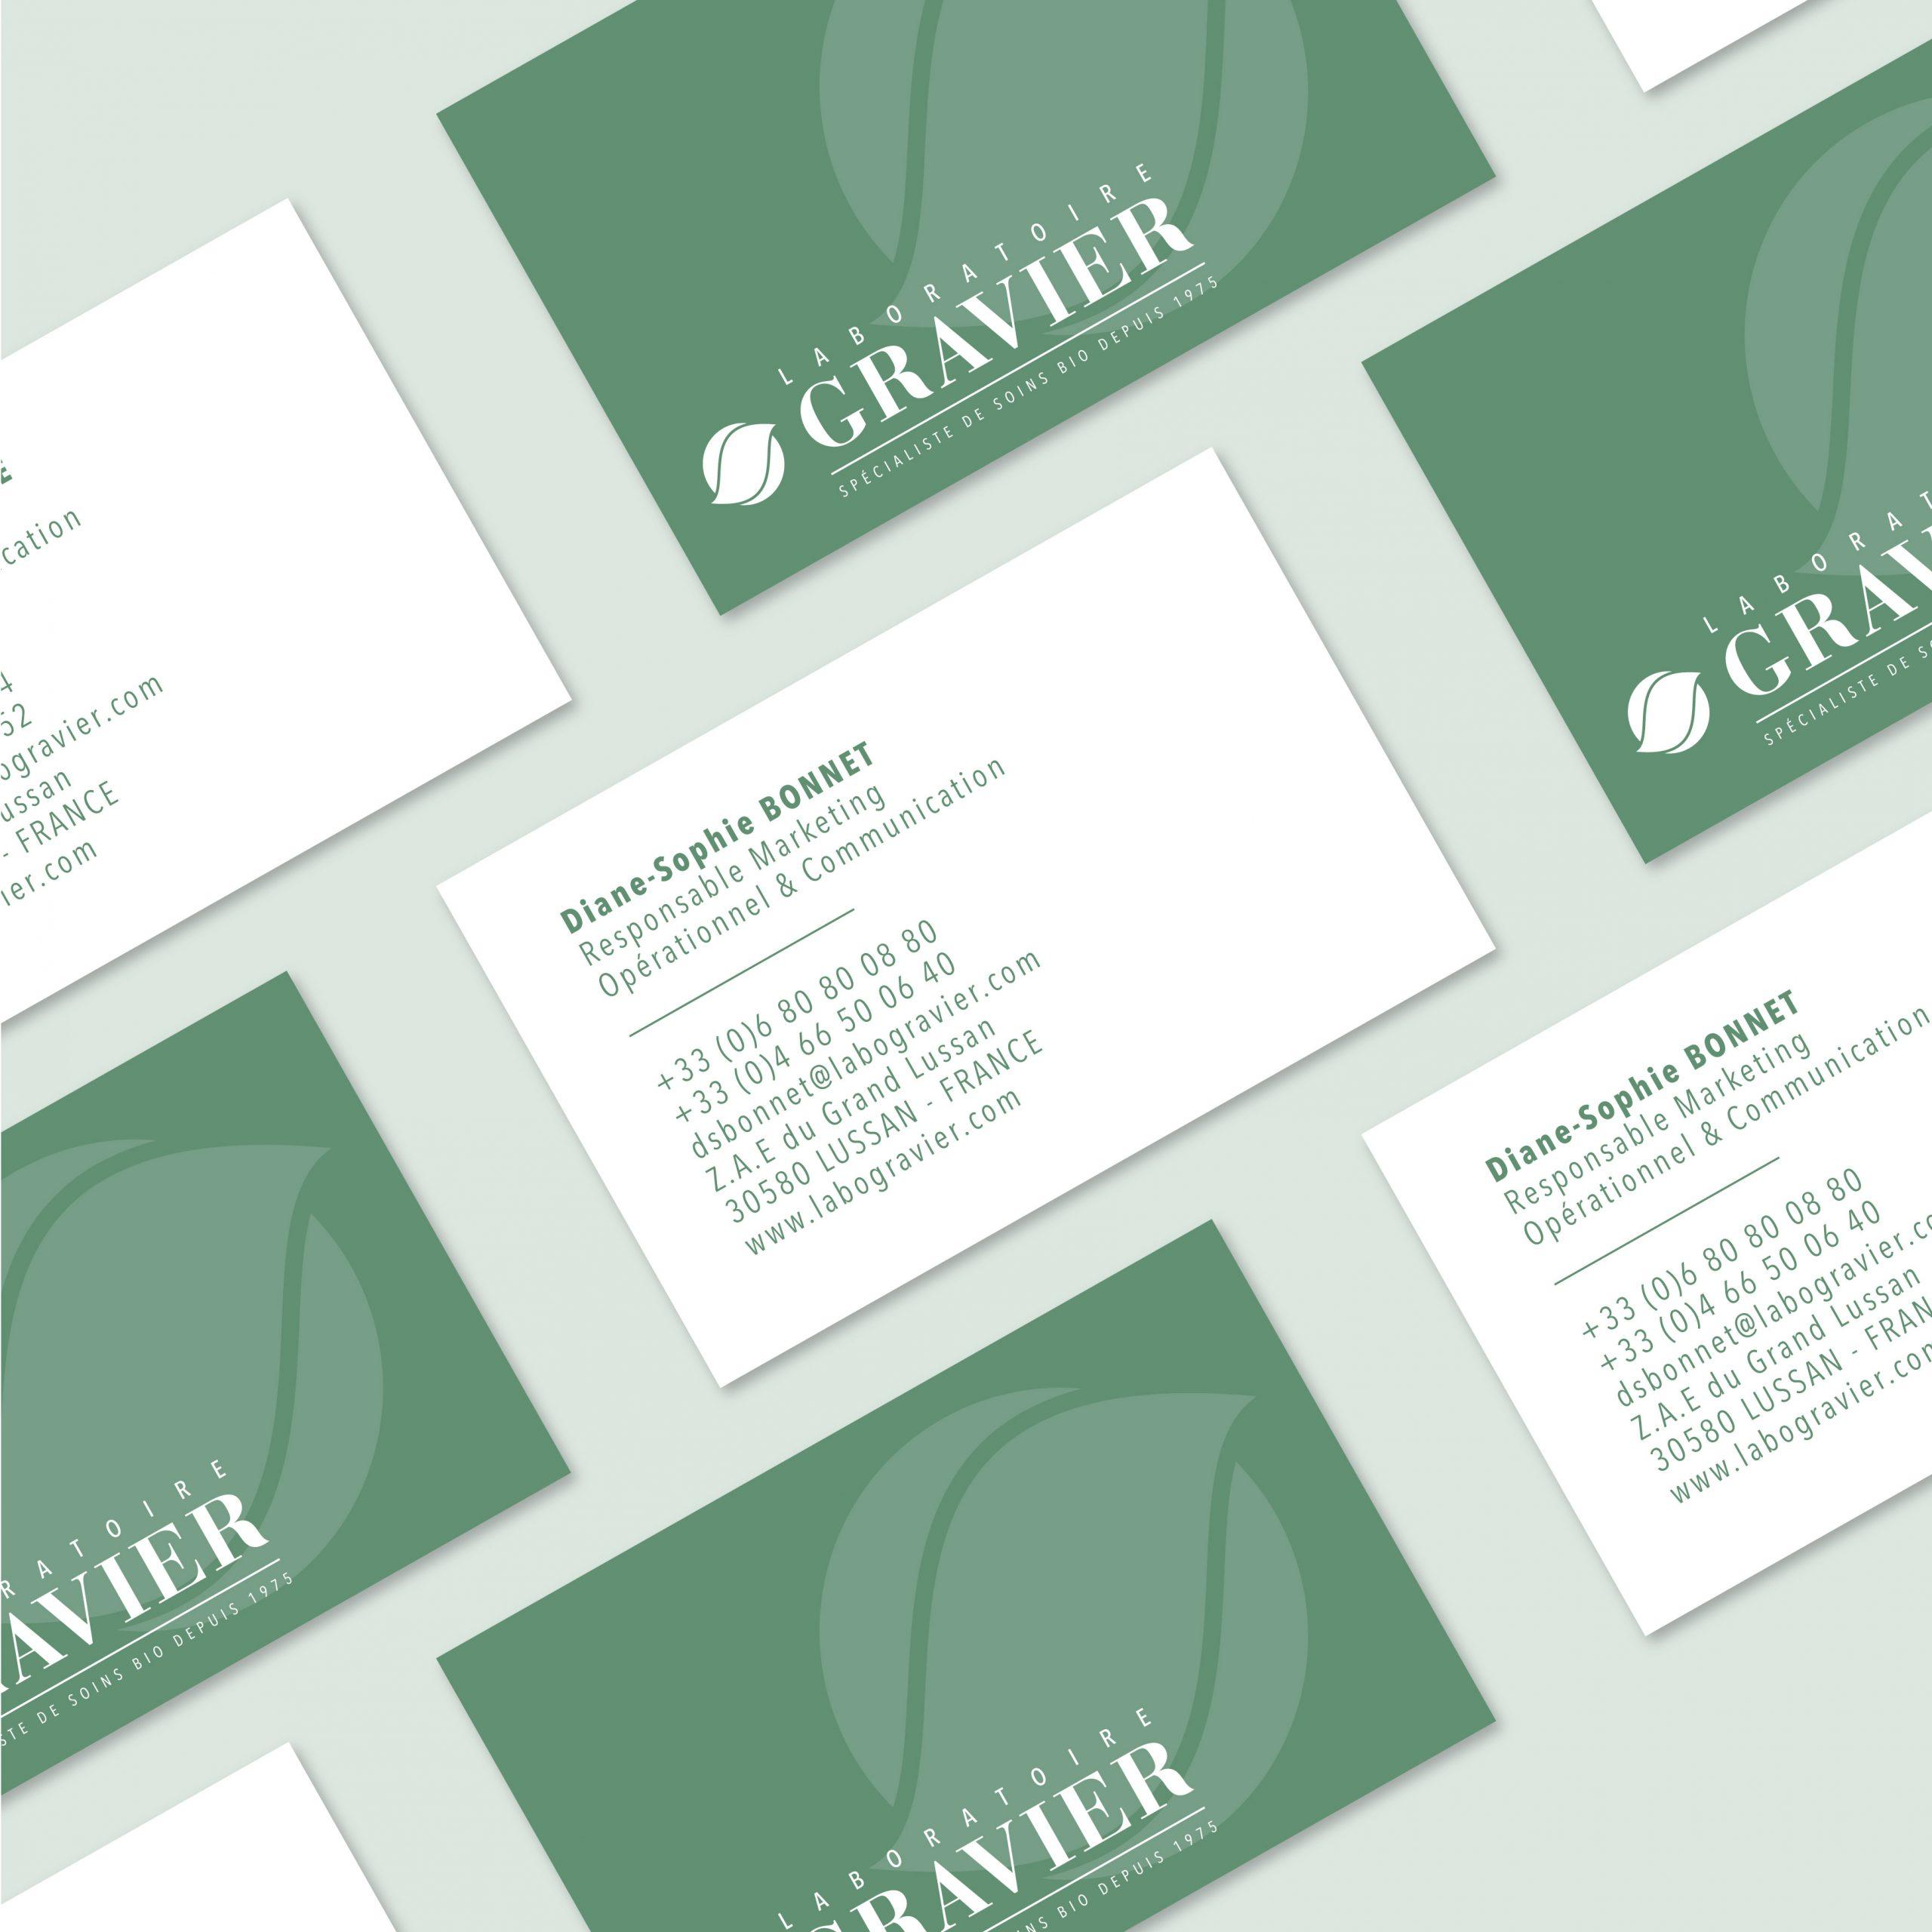 Création carte de visite laboratoire GRAVIER identité visuelle